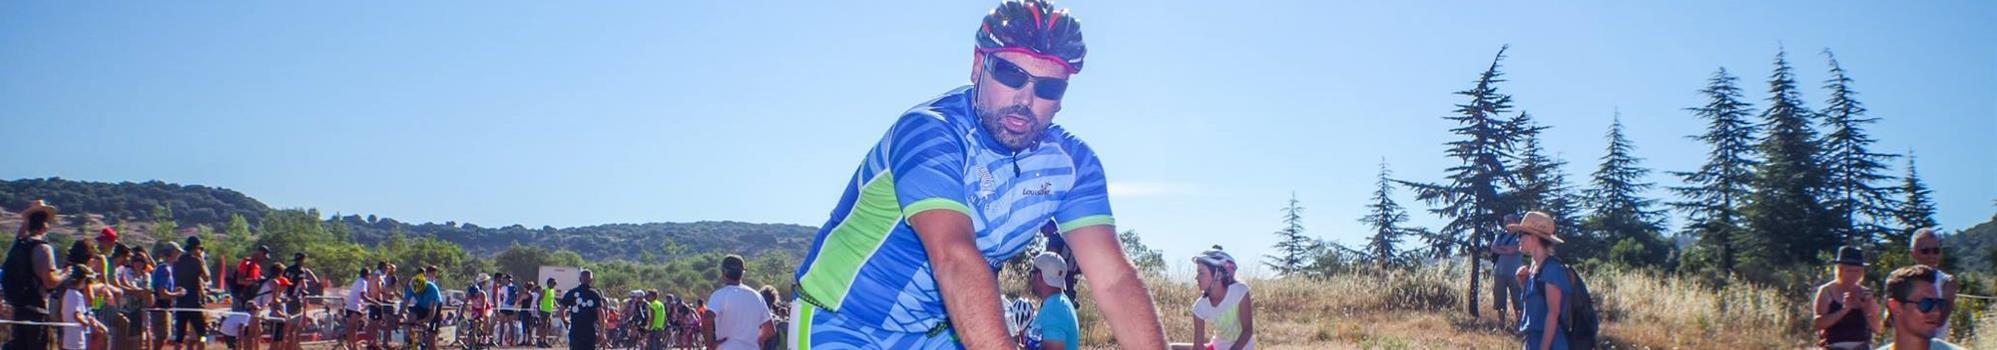 Triathlon solidaire la grande motte avec Action contre la Faim Délégation du Gard -  Délégation Action contre la Faim Gard